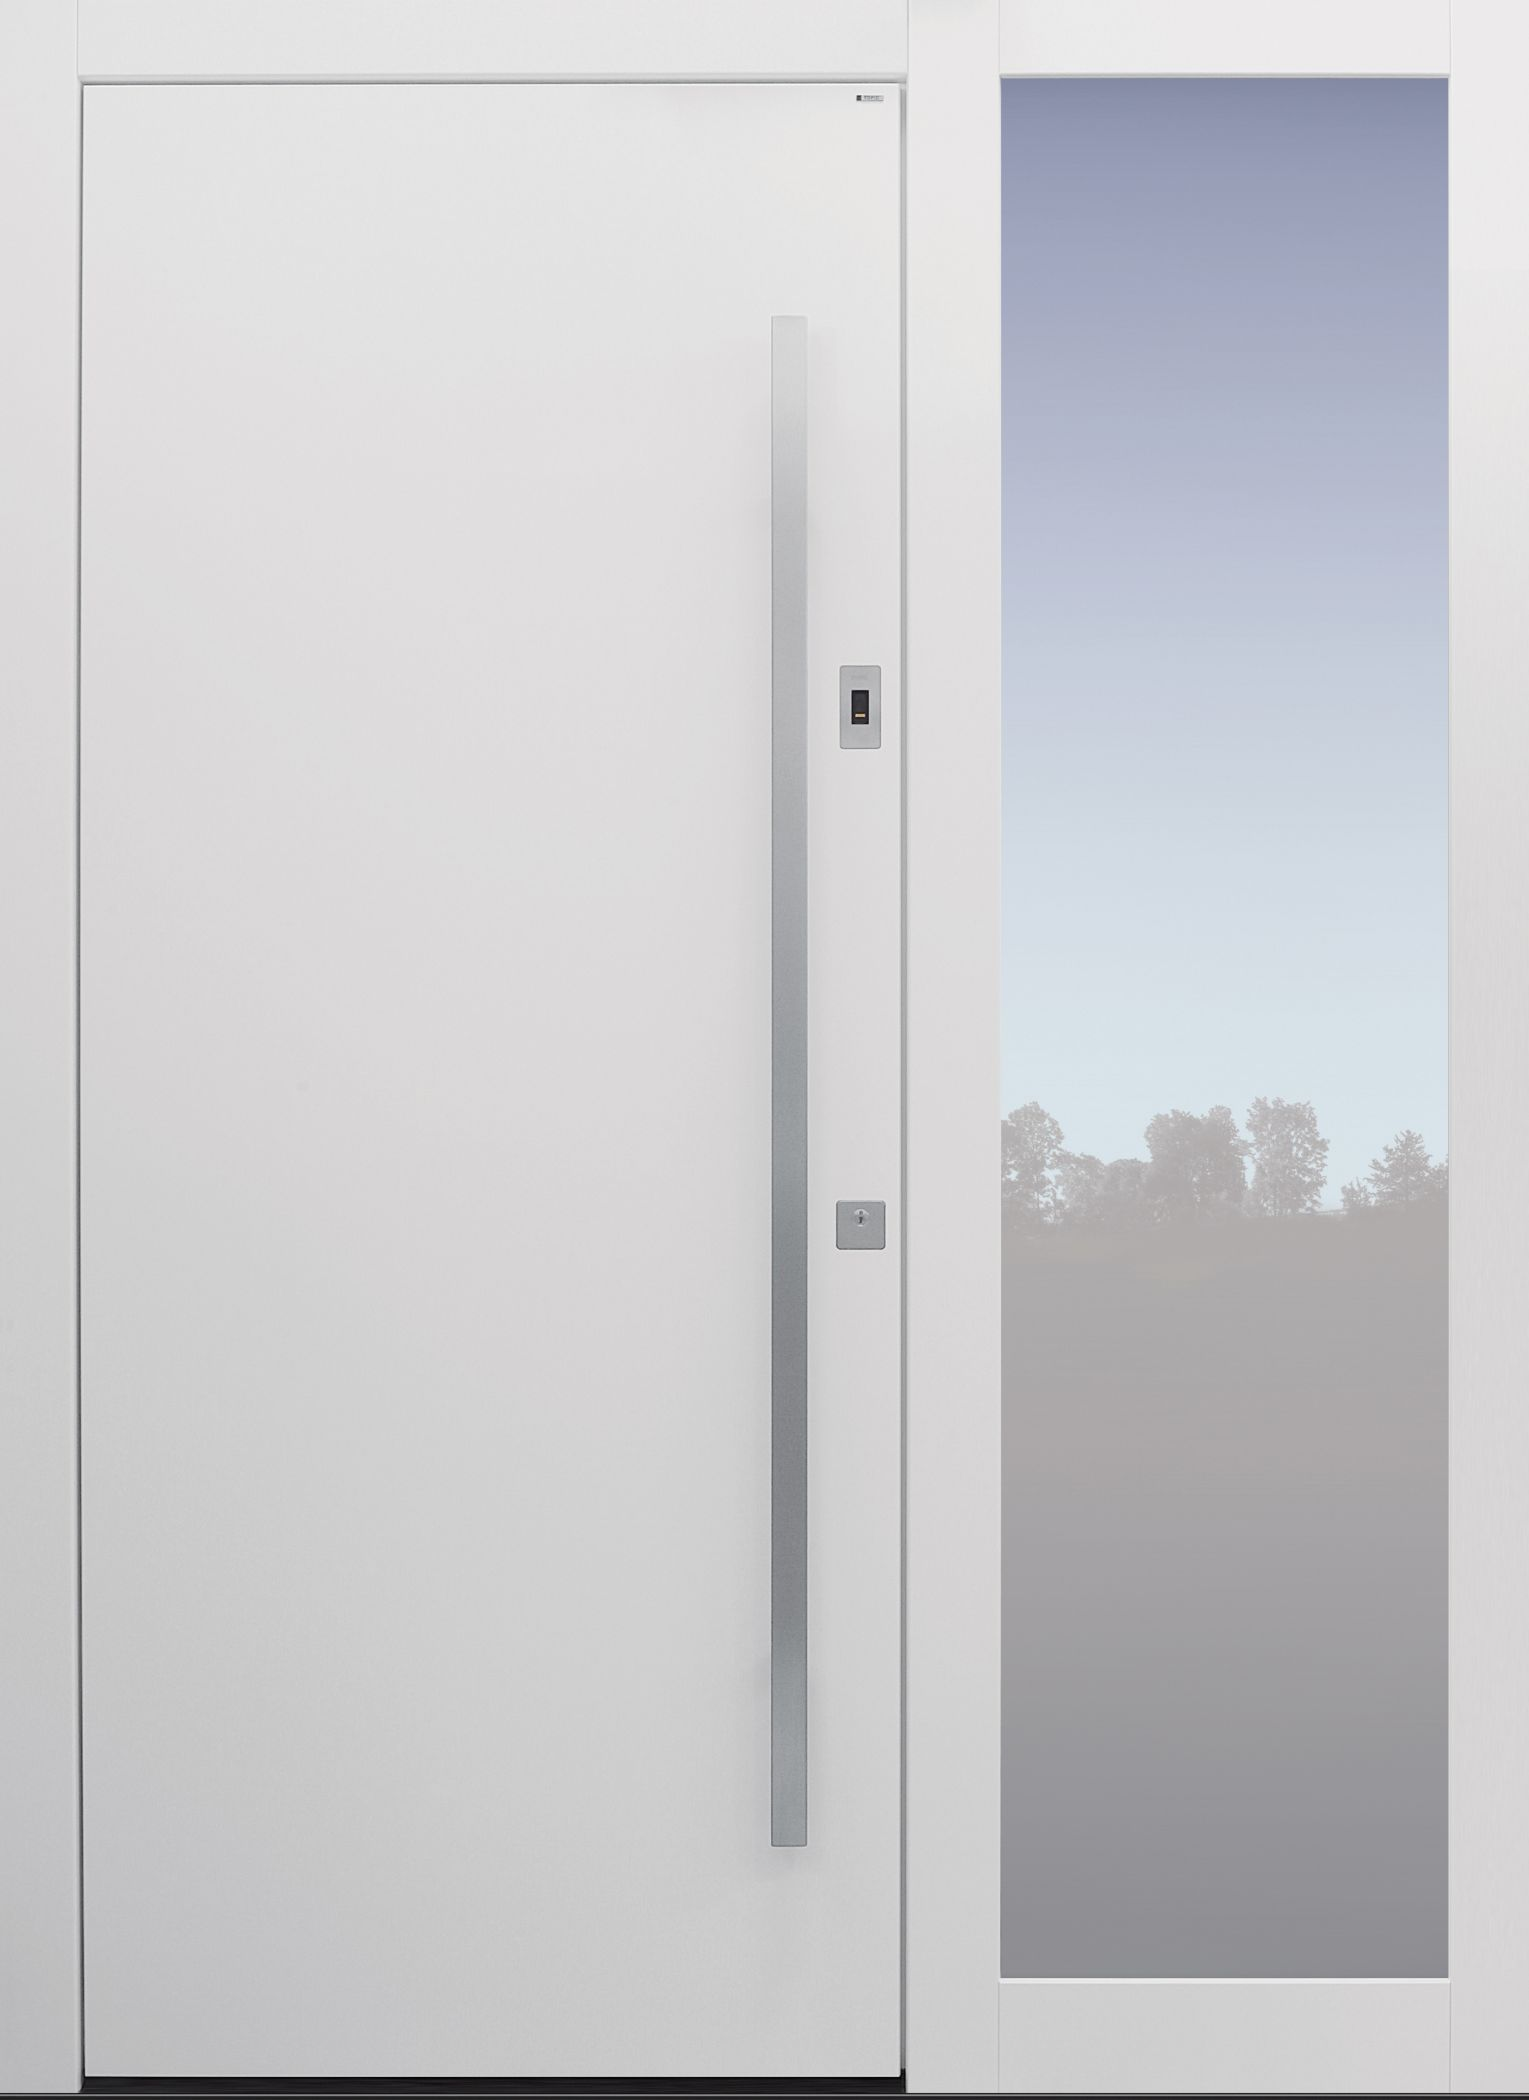 Favorit Haustür weiß mit Rosette flächenbündig auf Kundenwunsch und FF58